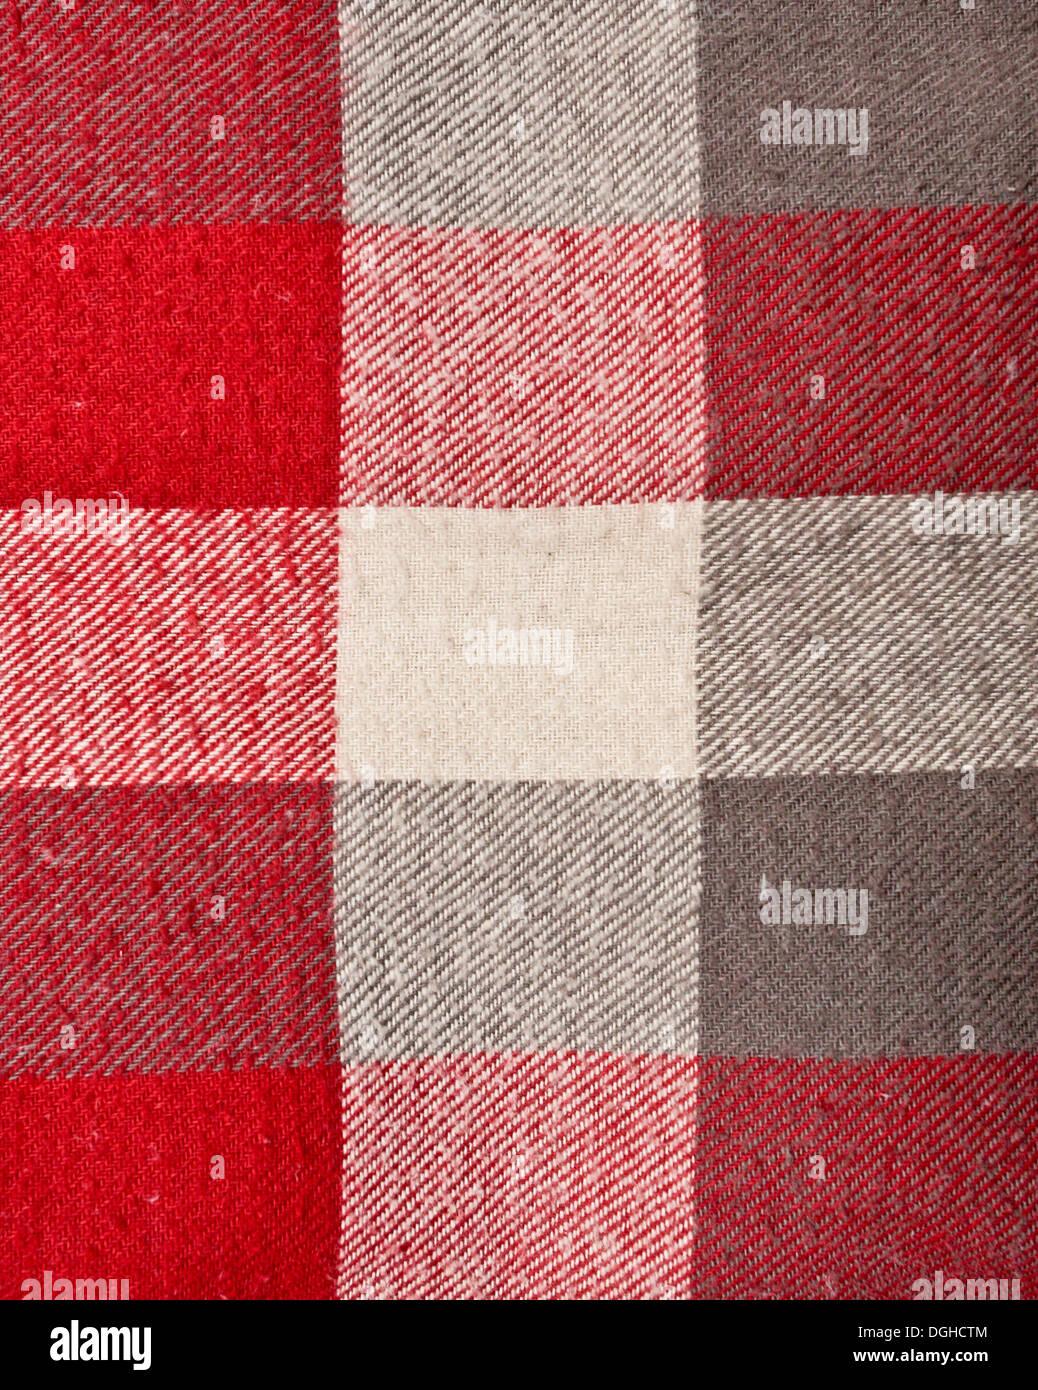 Material tartán rojo y gris como fondo Foto de stock